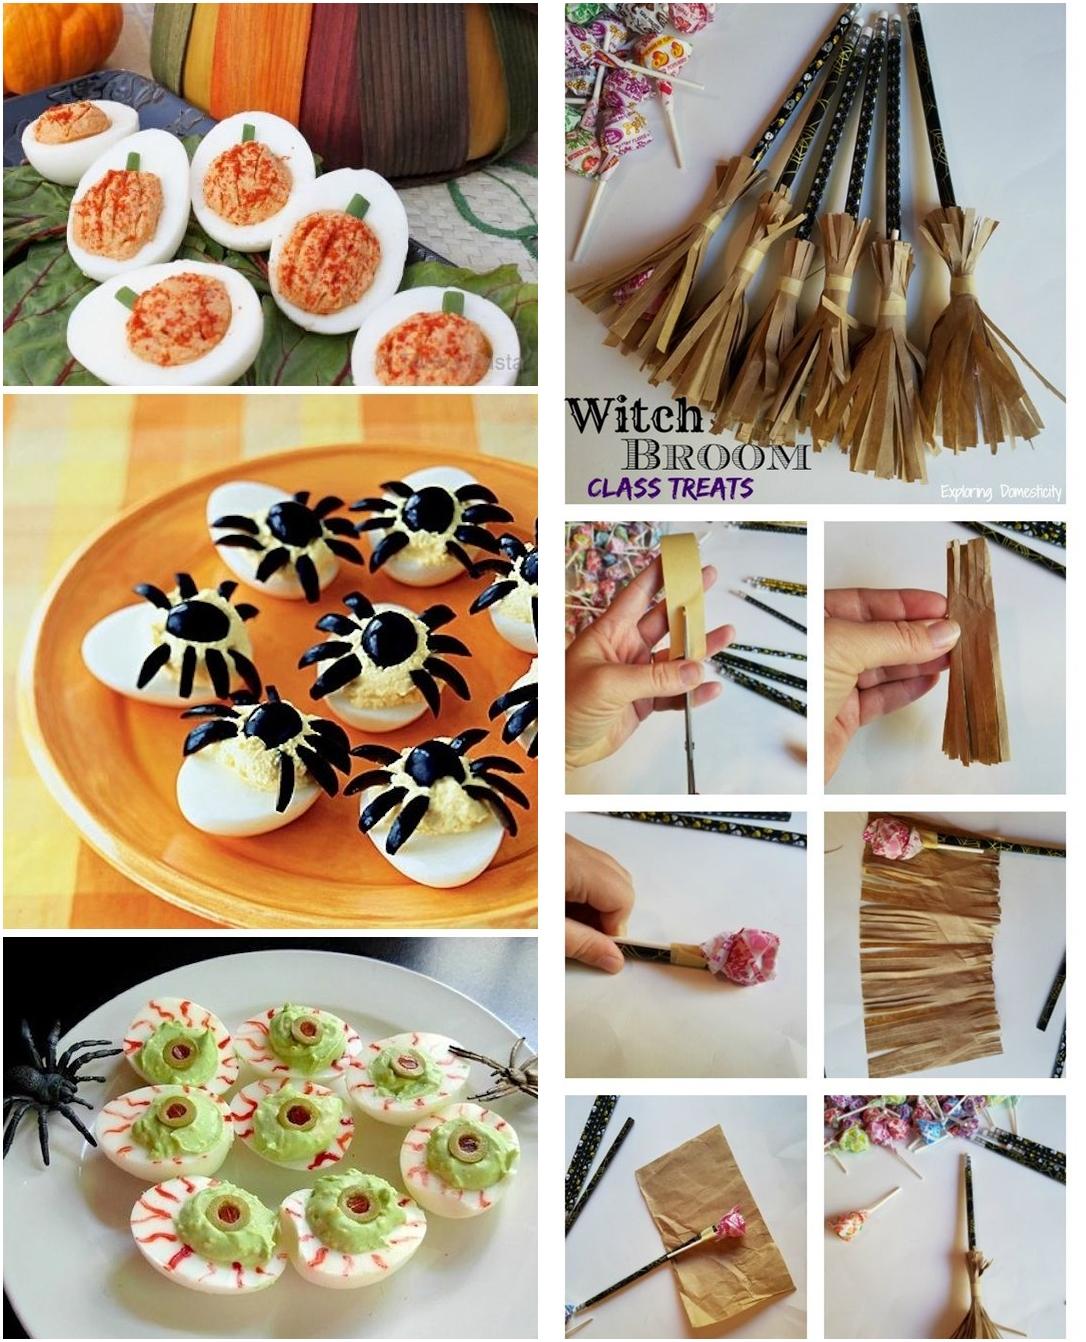 Decor de halloween 002 - Mais 15 Ideias Simples pra Decorar a sua festa de Halloween